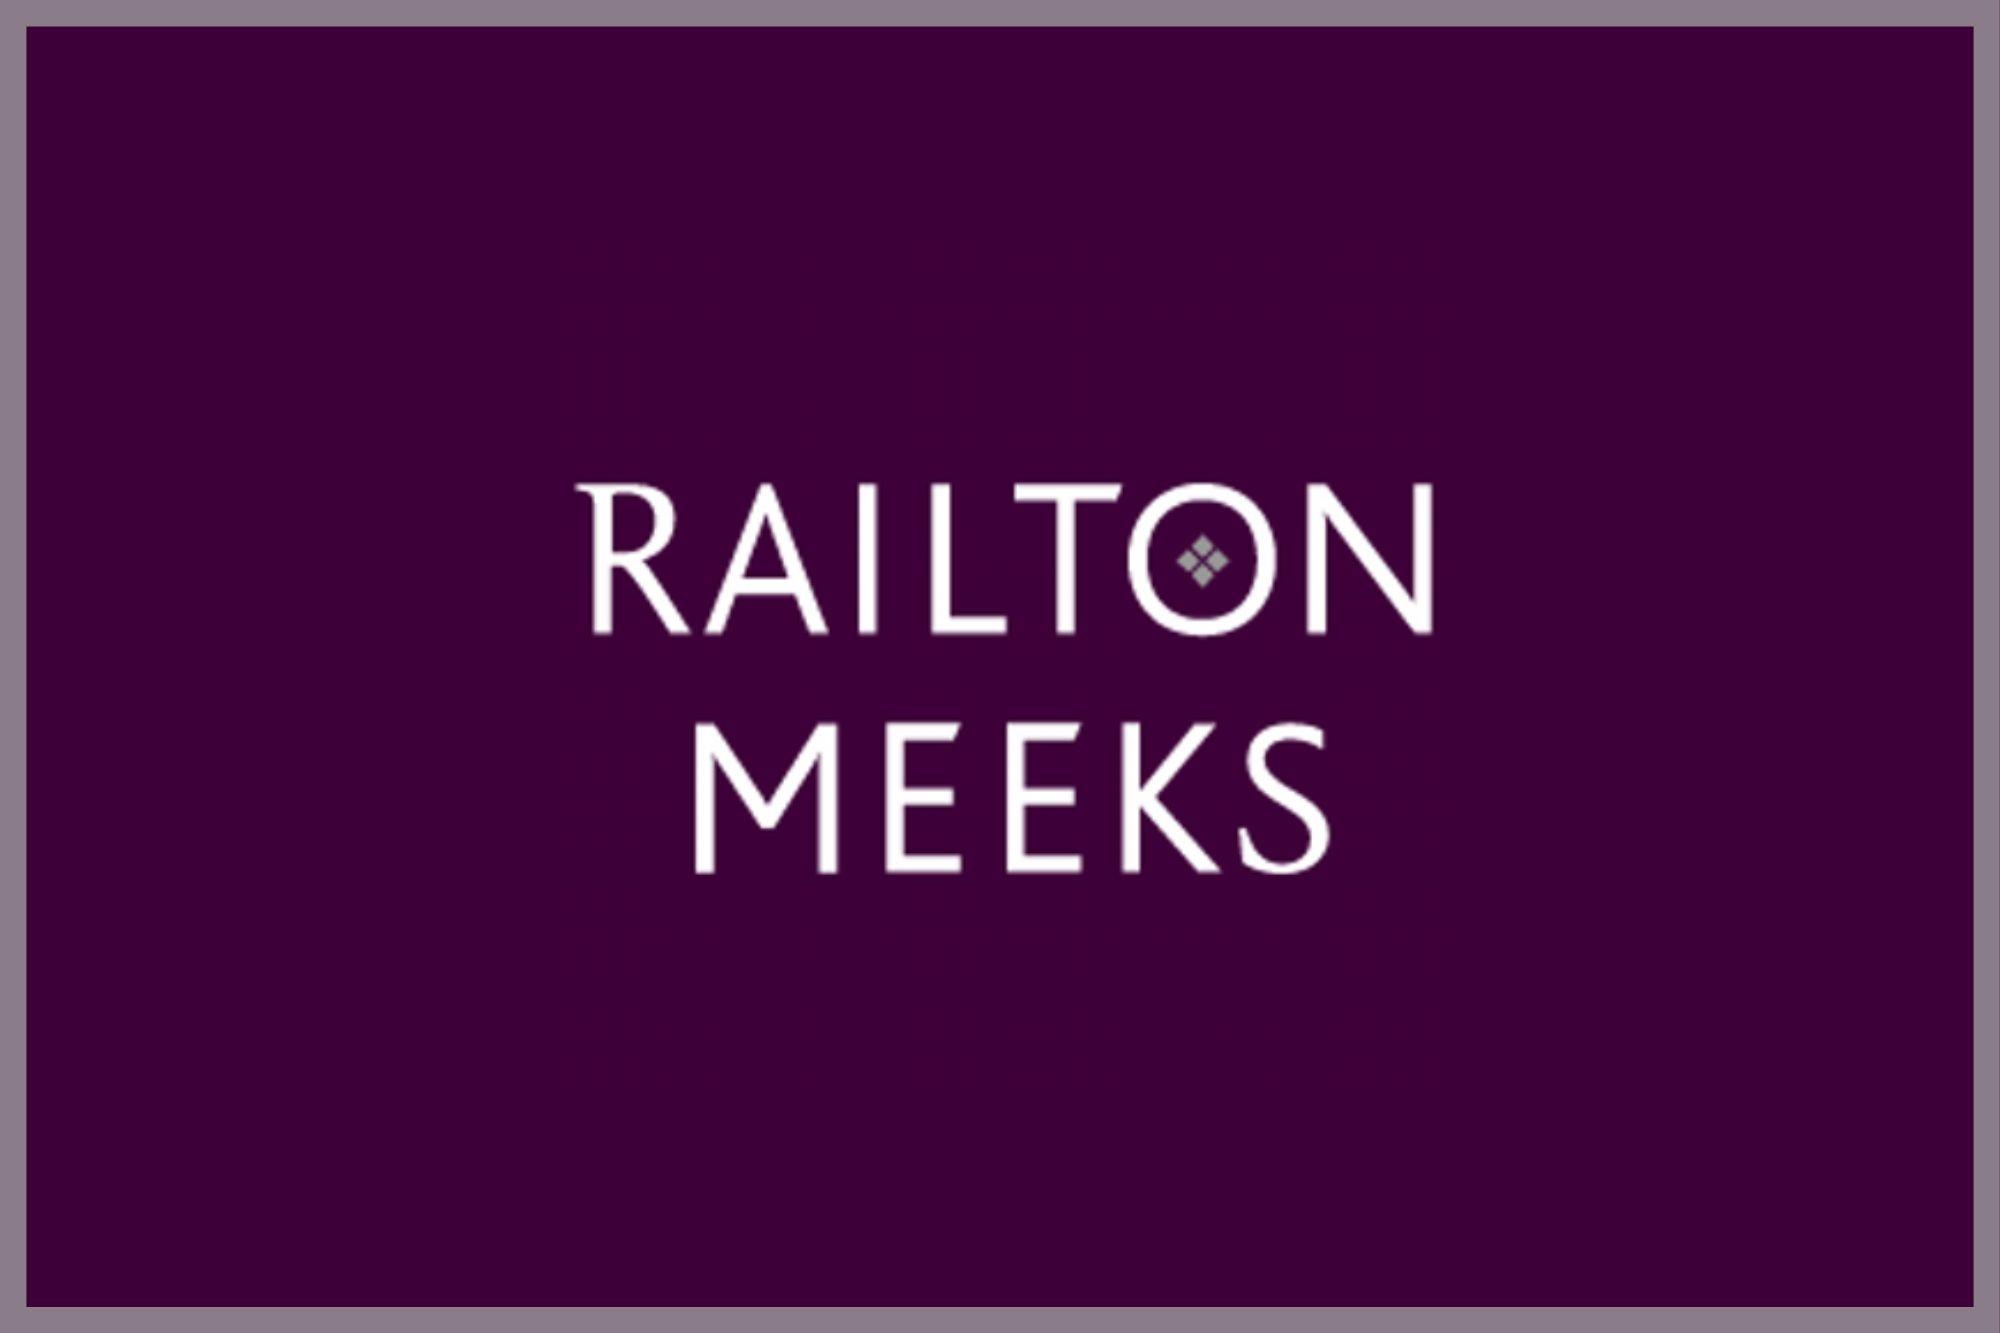 Railton Meeks